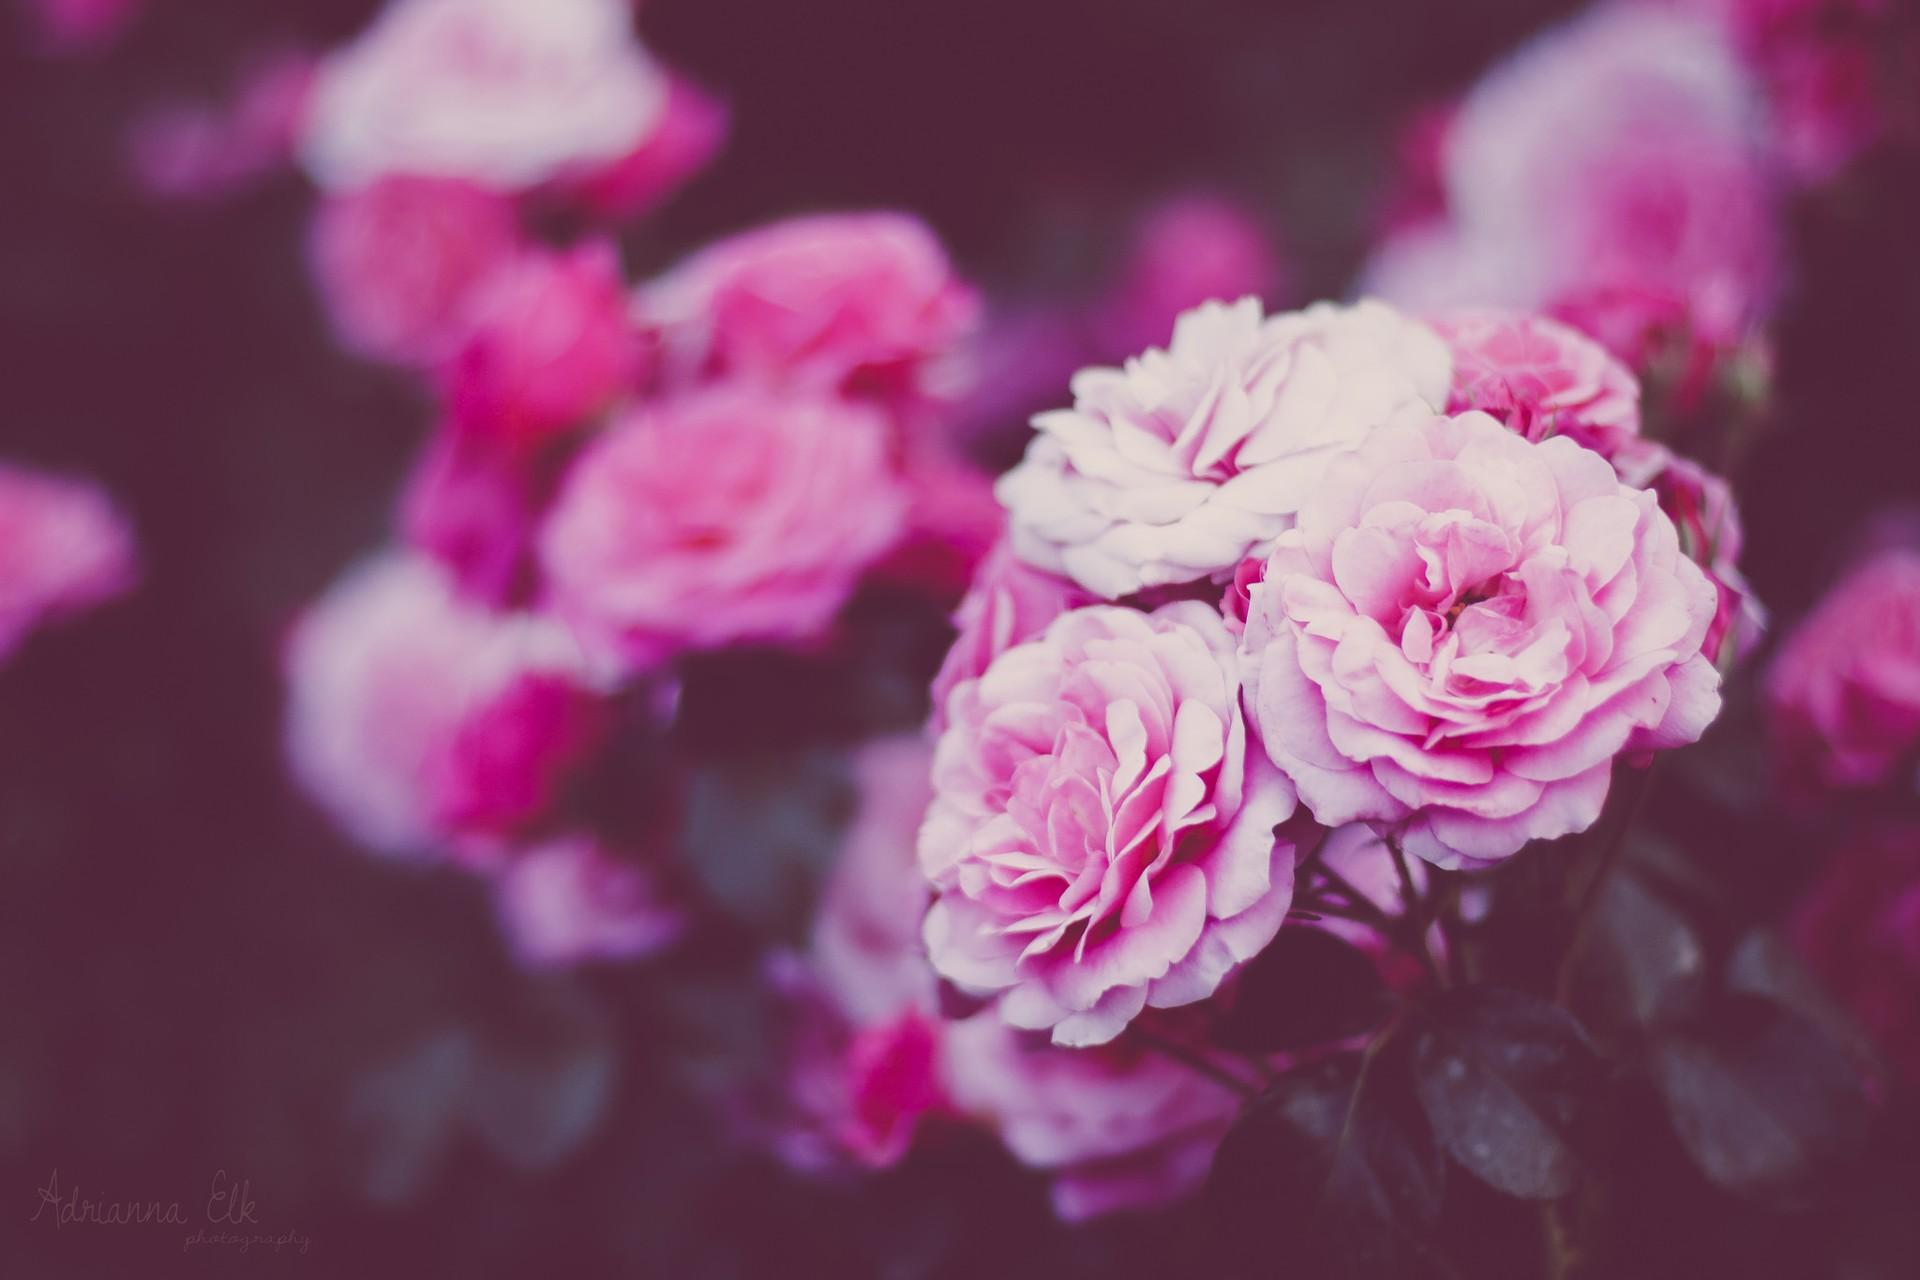 Mua hoa Cẩm Chướng ở đâu rẻ nhất